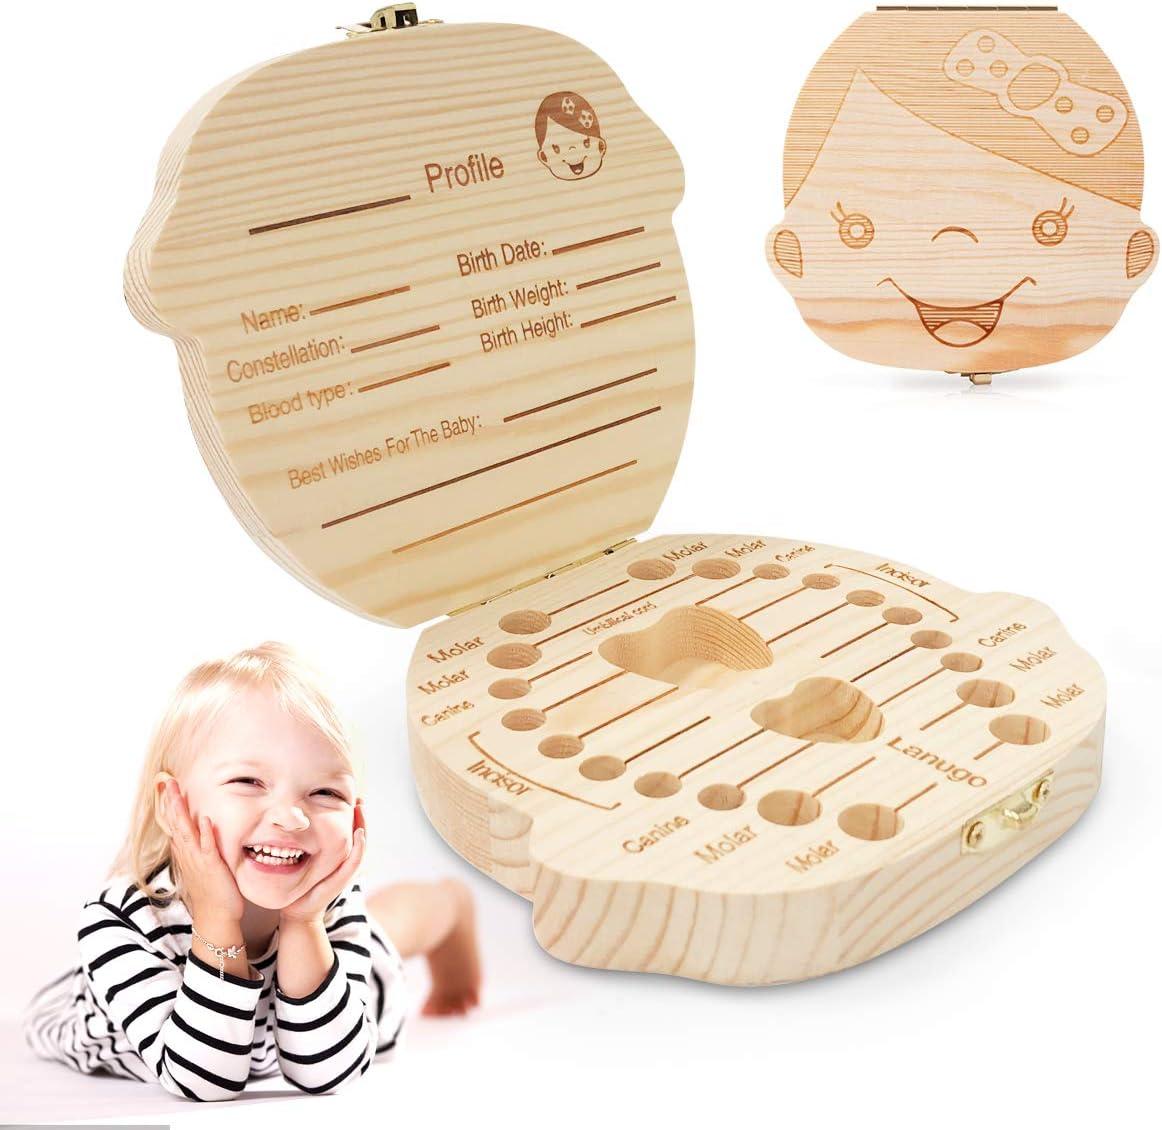 Caja de Dientes, Ledeak Cajitas para Dientes de Leche Regalo para niños en madera de souvenir, Caja de Madera para Guardar Dientes, Acumulación de dientes(Niña): Amazon.es: Bebé